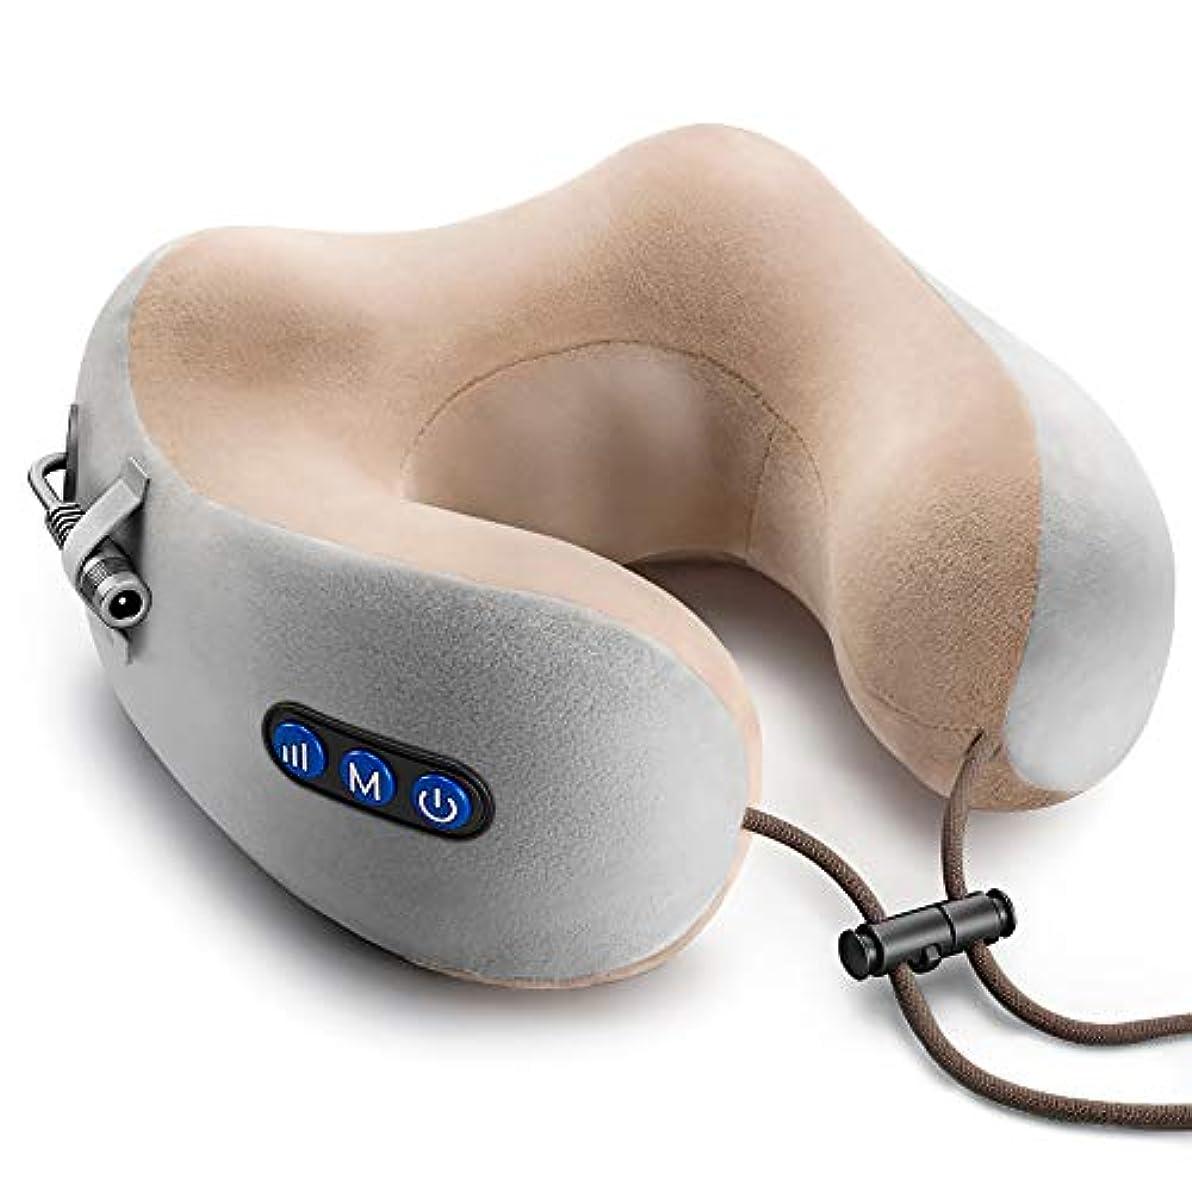 パウダー軽減する排出首マッサージャー ネックマッサージャー U型 USB充電式 3モード 低反発ネックマッサージピロー 自動オフ機能 肩こり ストレス解消 多機能 人間工学 日本語取扱説明書付 プレゼント